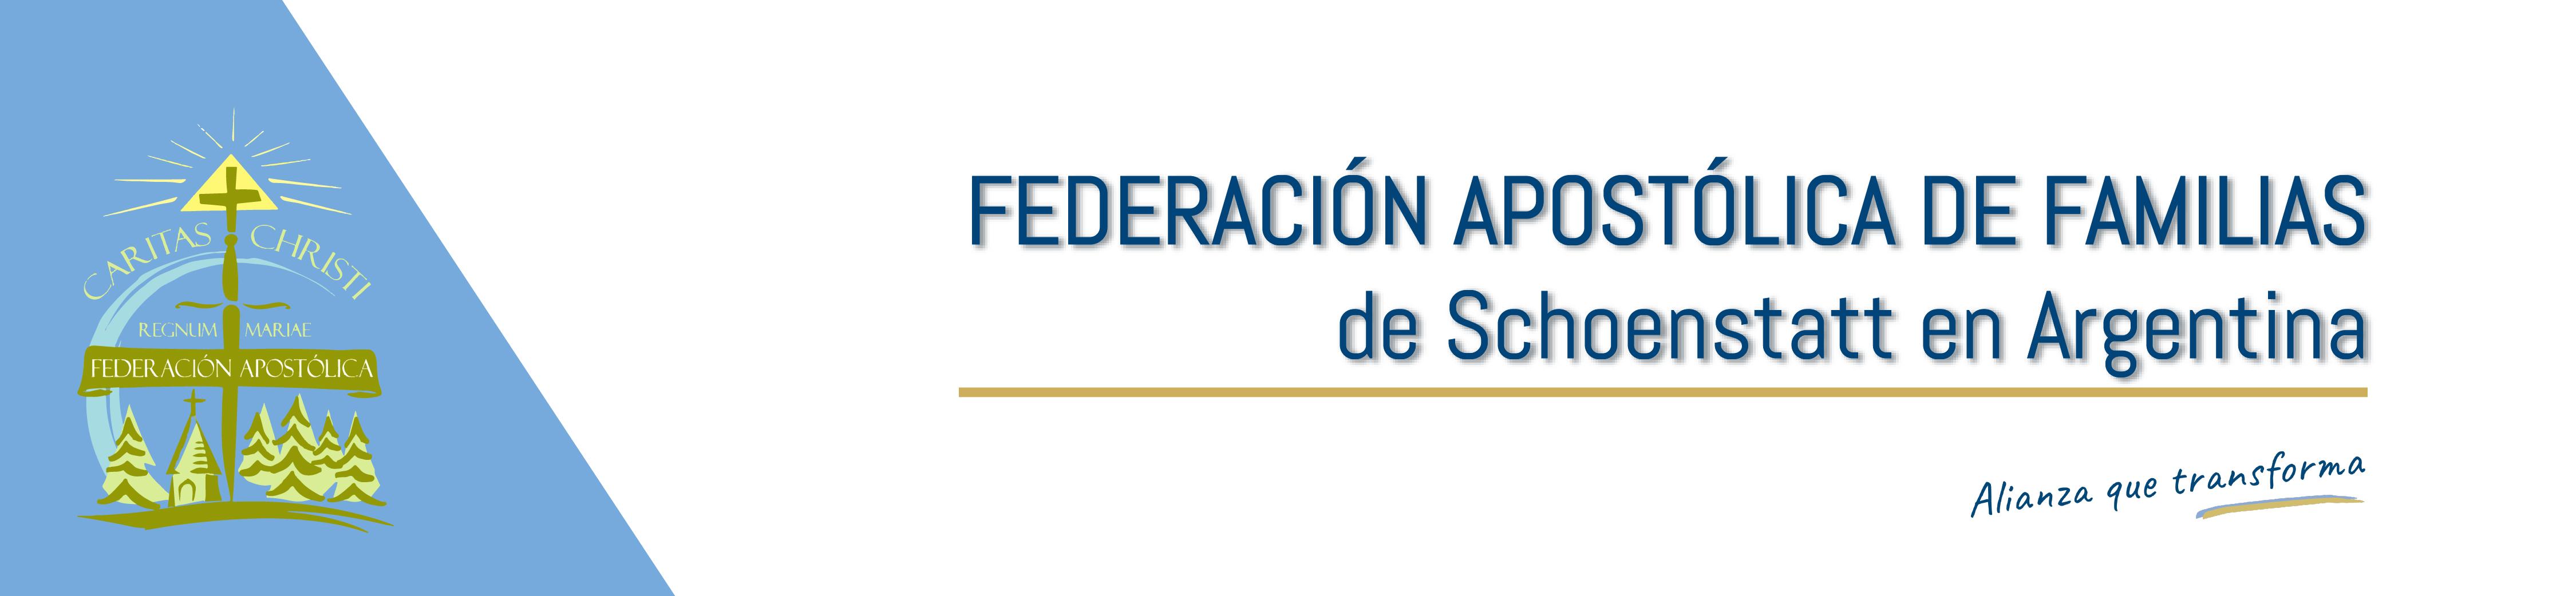 Federación de Familias de Schoenstatt Argentina